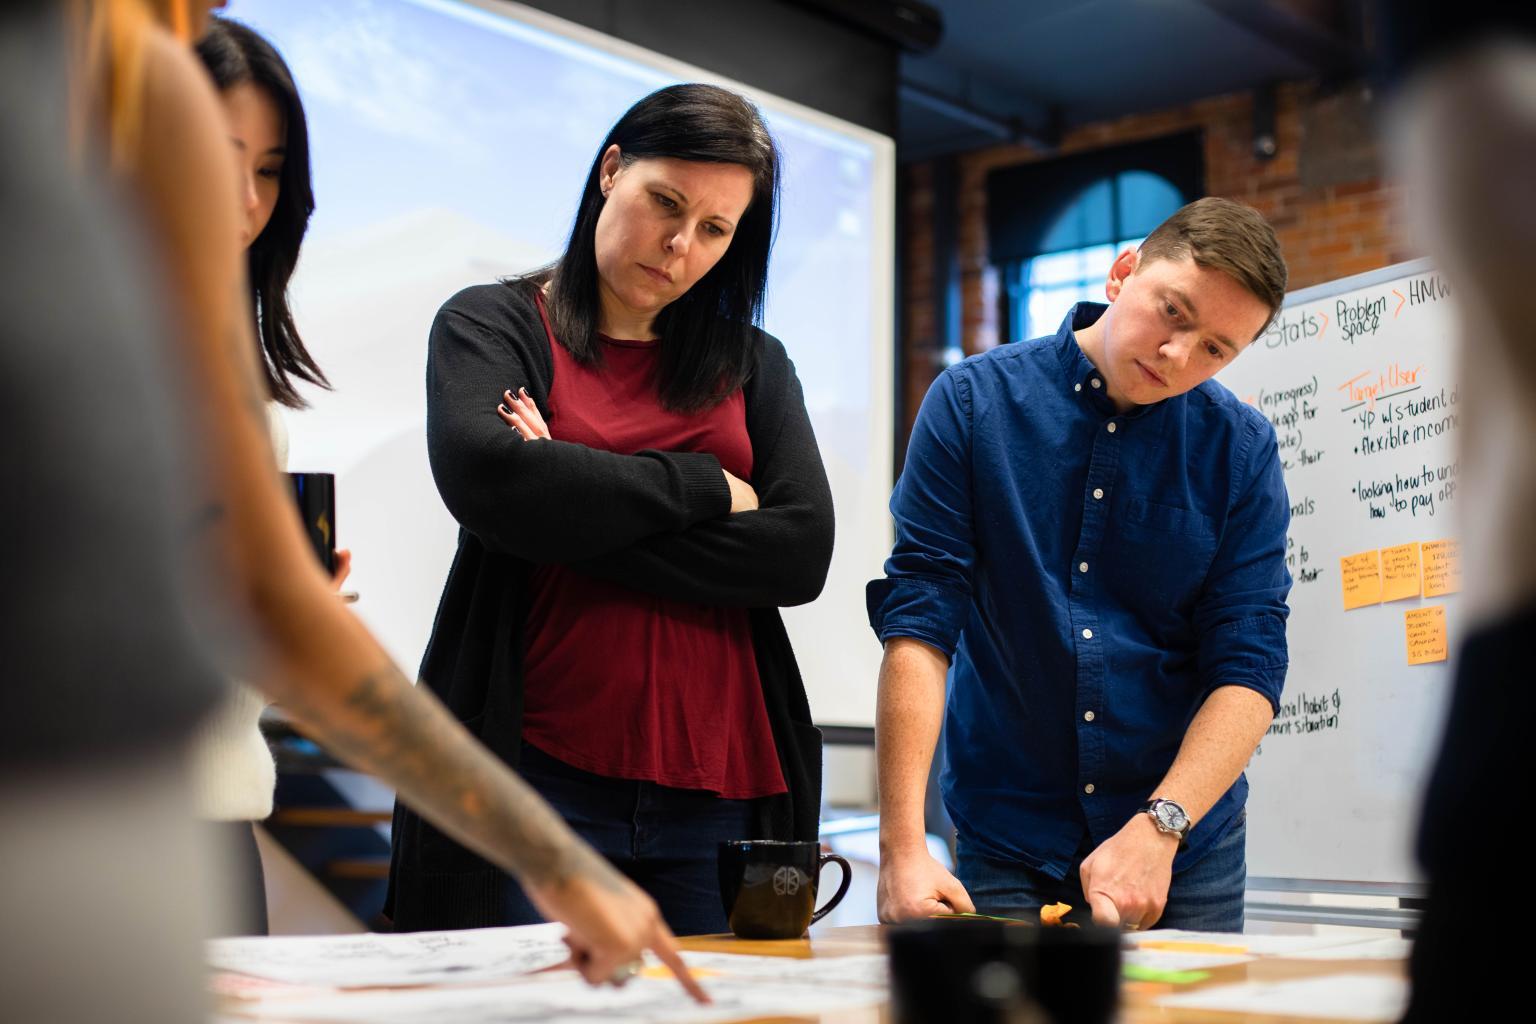 Mentors: Brian Whelan (Sr. UX Designer); Andrea Reck (Sr. UX Designer); Gungeet Kaur (UX Designer); Steve Indrigo (UX Researcher)